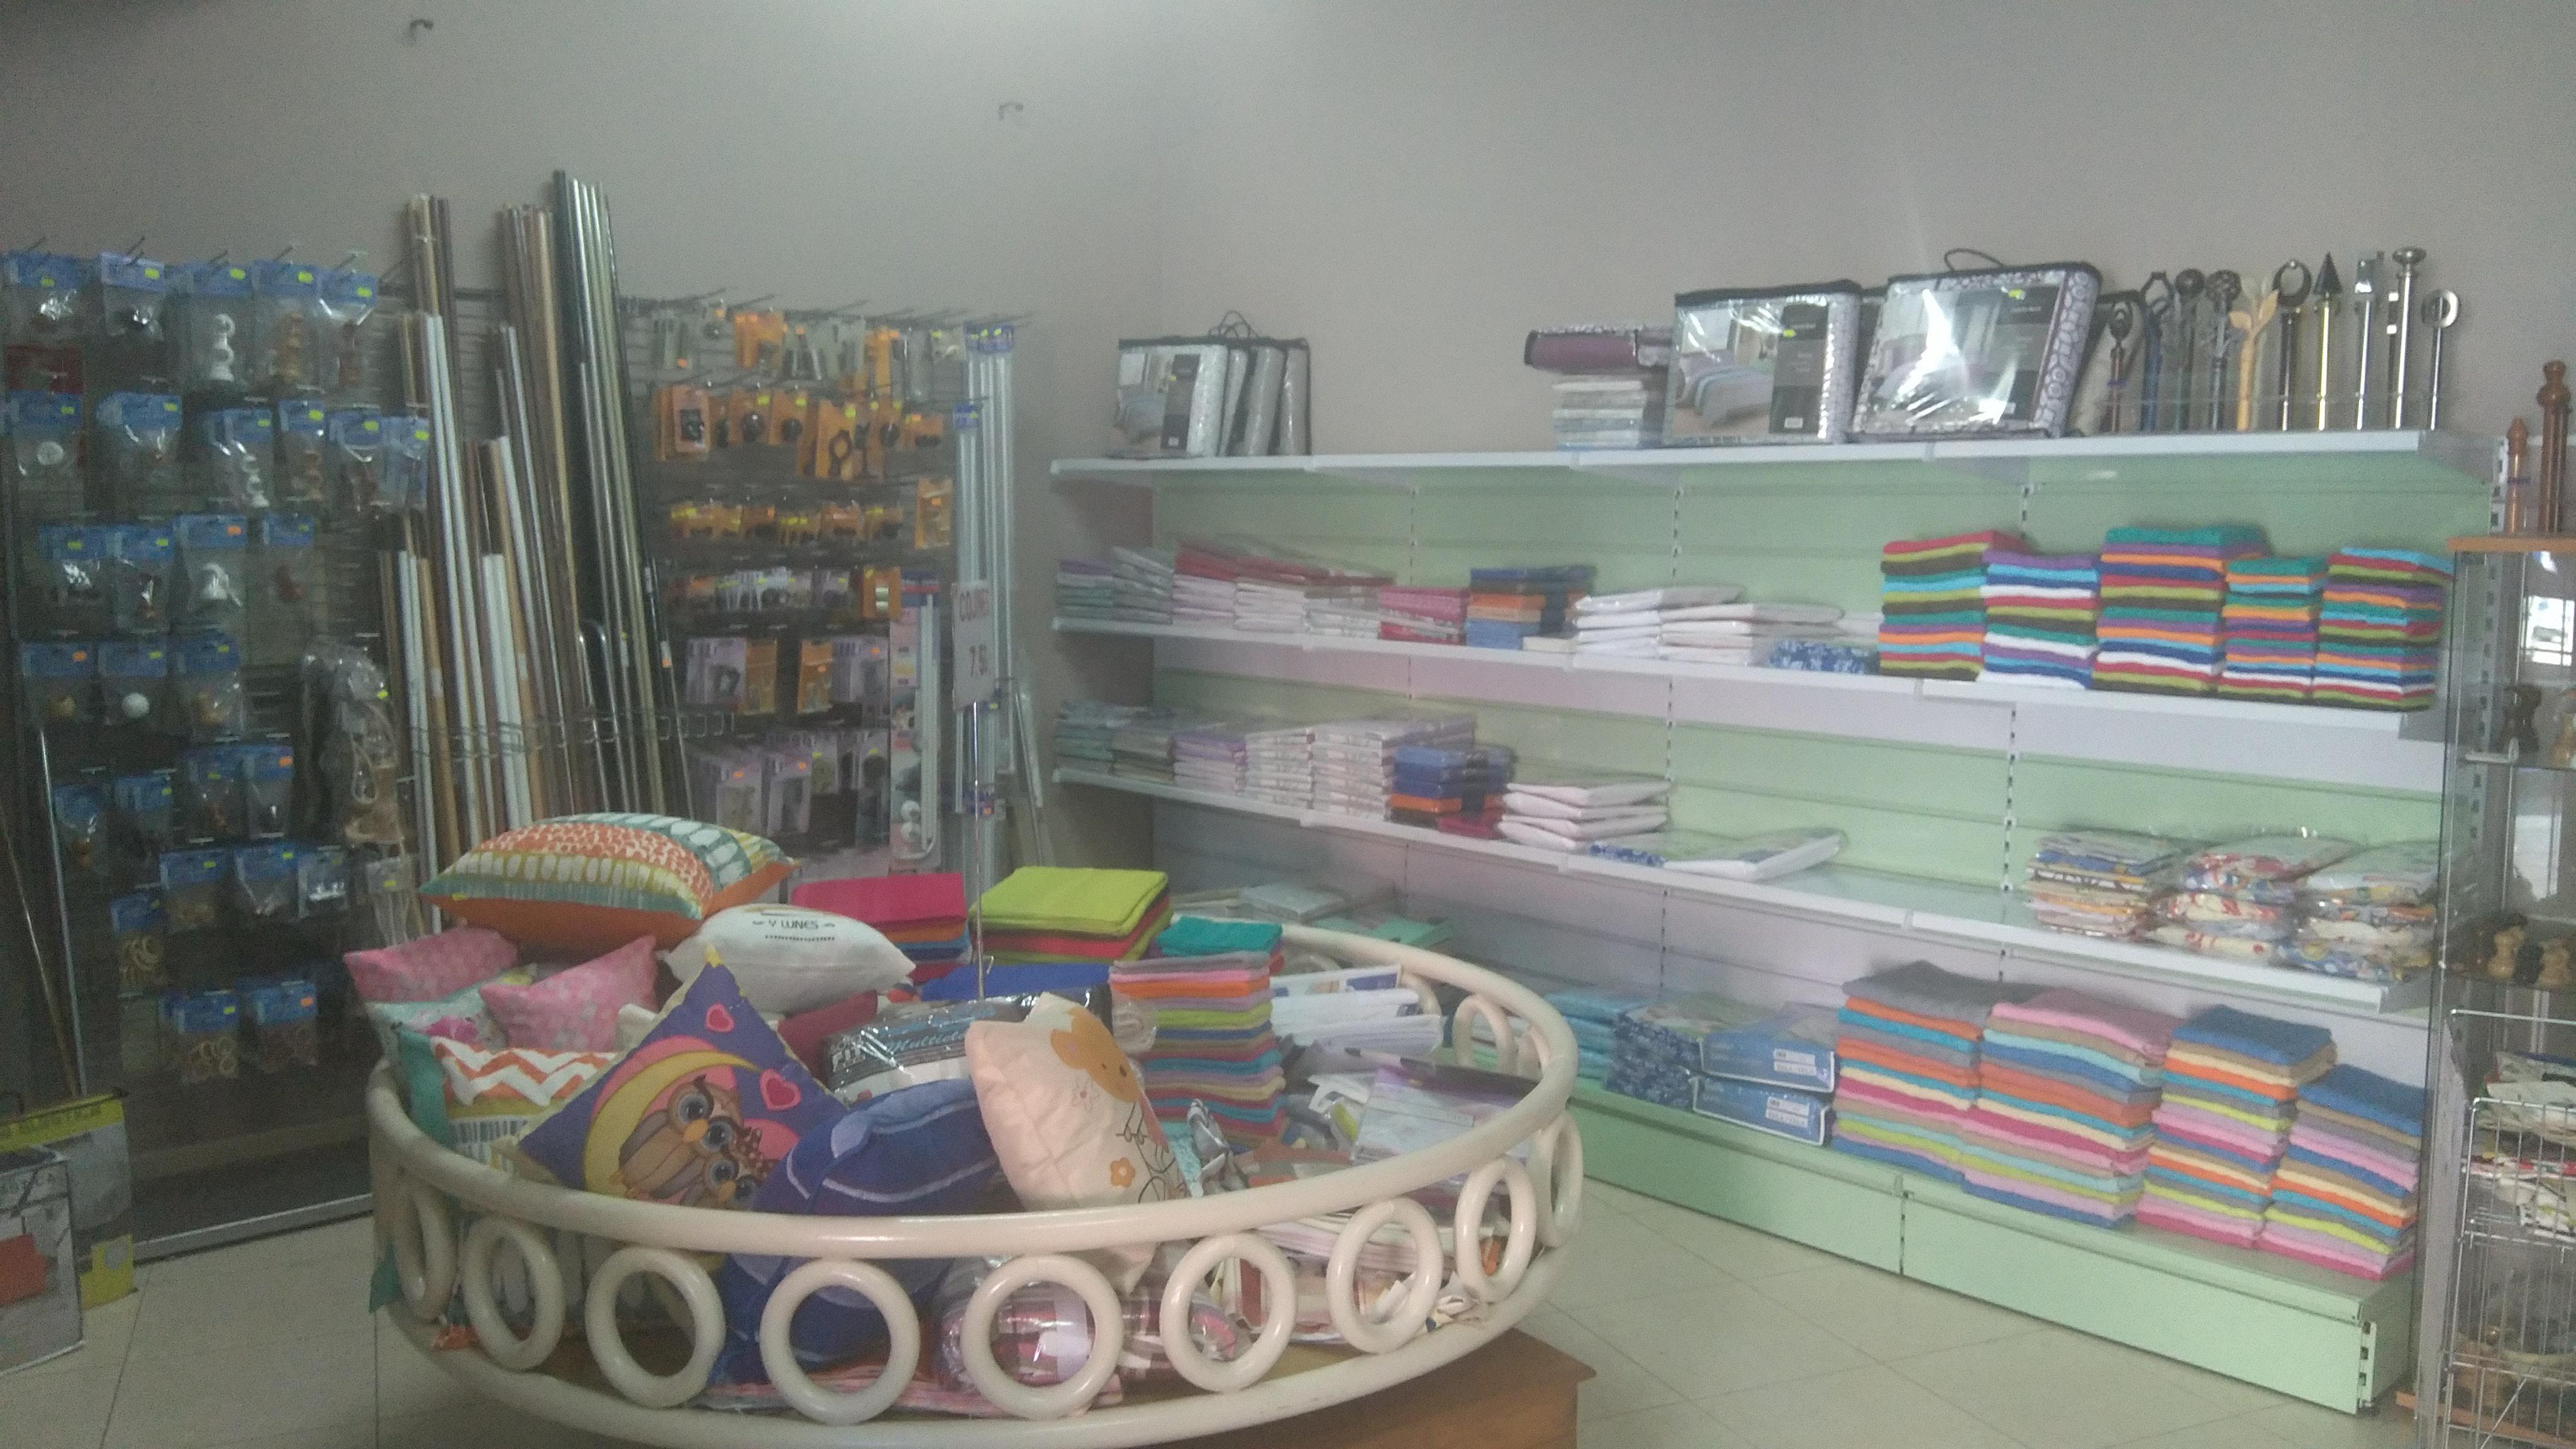 Amplia selección de accesorios para la instalación de cortinas y estores